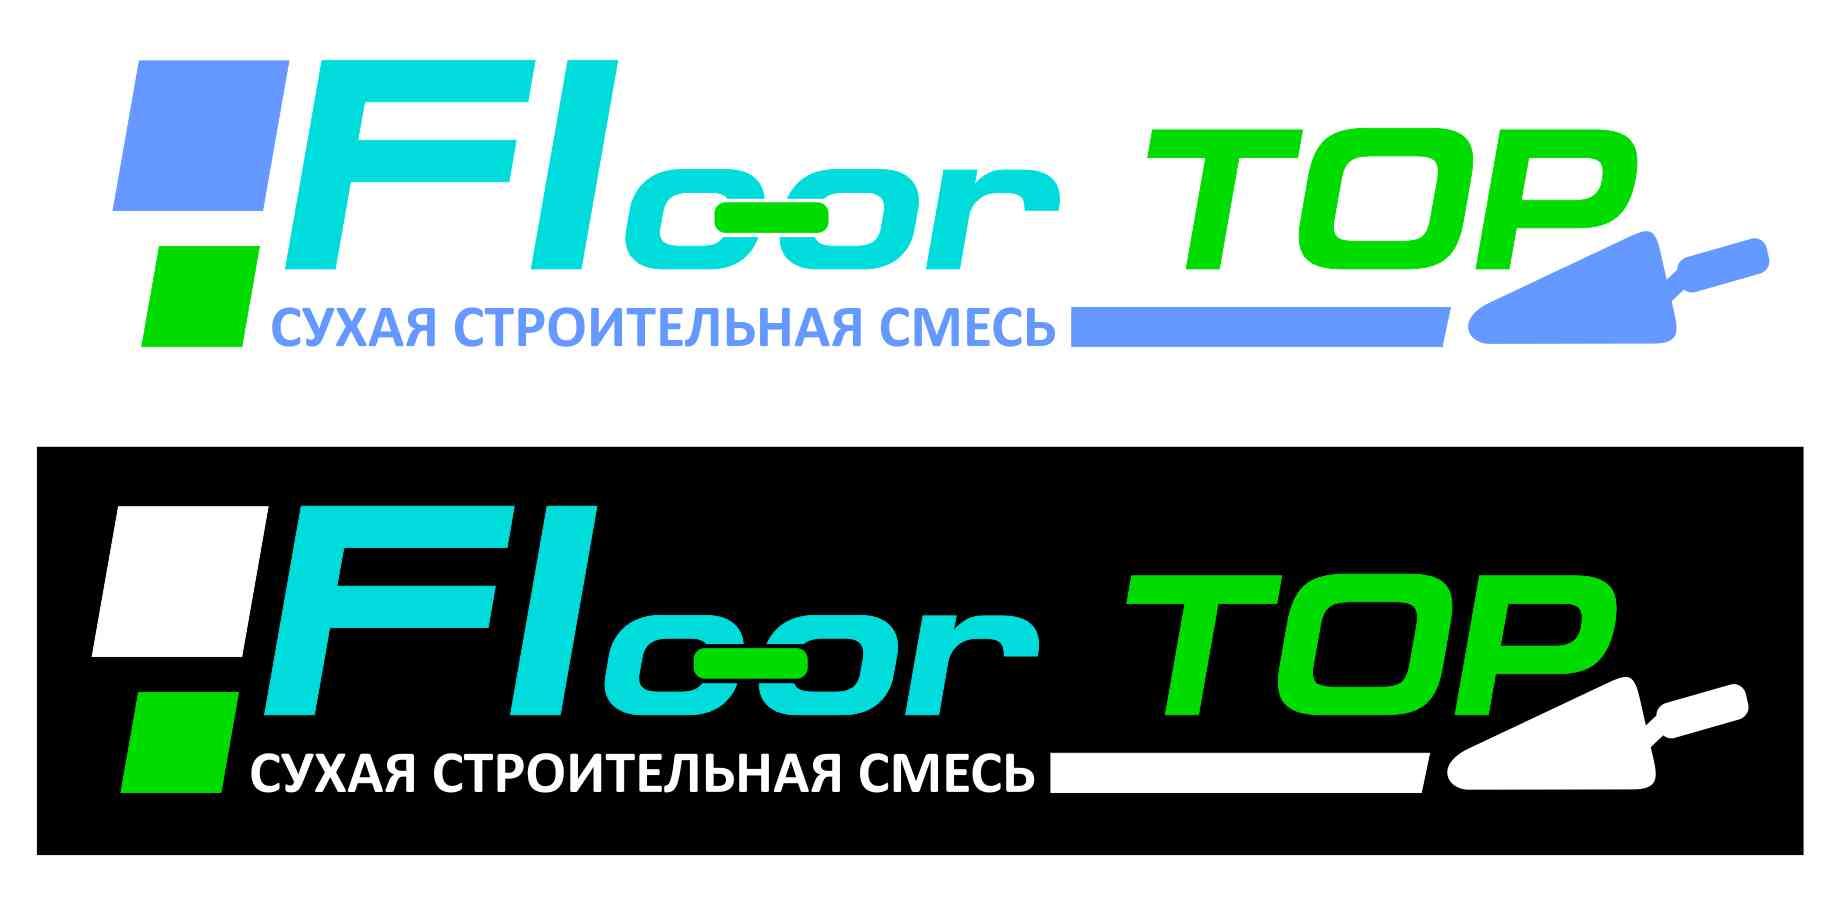 Разработка логотипа и дизайна на упаковку для сухой смеси фото f_2915d27989428d9d.jpg